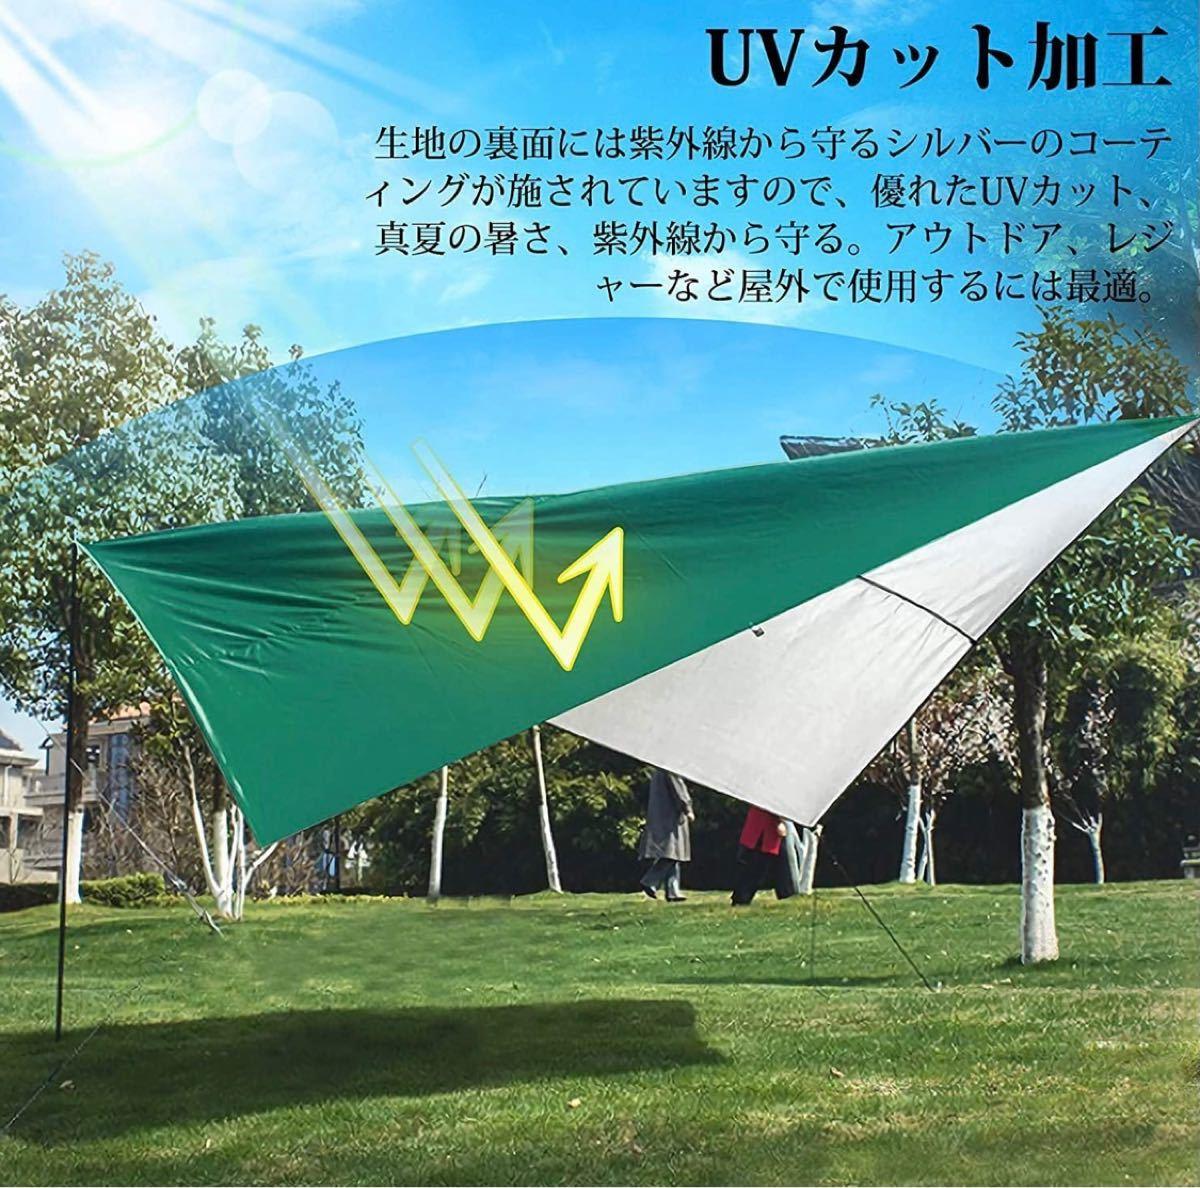 防水タープ キャンプ タープ テント 日除け サンシェード 紫外線UVカット